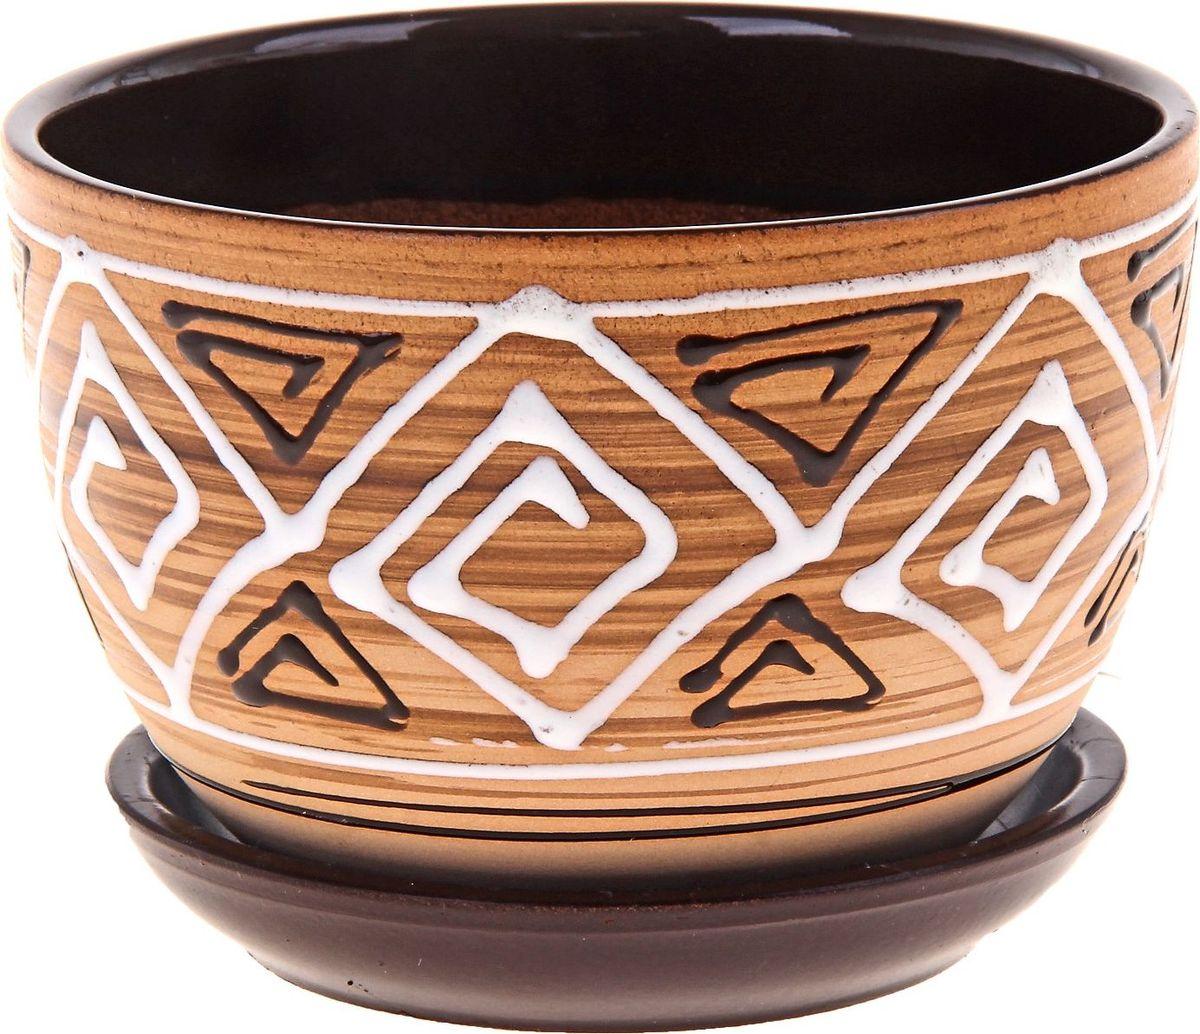 Кашпо Сузорье, 0,75 л164756Комнатные растения - всеобщие любимцы. Они радуют глаз, насыщают помещение кислородом и украшают пространство. Каждому из них необходим свой удобный и красивый дом. Кашпо из керамики прекрасно подходят для высадки растений: за счет пластичности глины и разных способов обработки существует великое множество форм и дизайнов пористый материал позволяет испаряться лишней влаге воздух, необходимый для дыхания корней, проникает сквозь керамические стенки! Позаботится о зеленом питомце, освежит интерьер и подчеркнет его стиль.